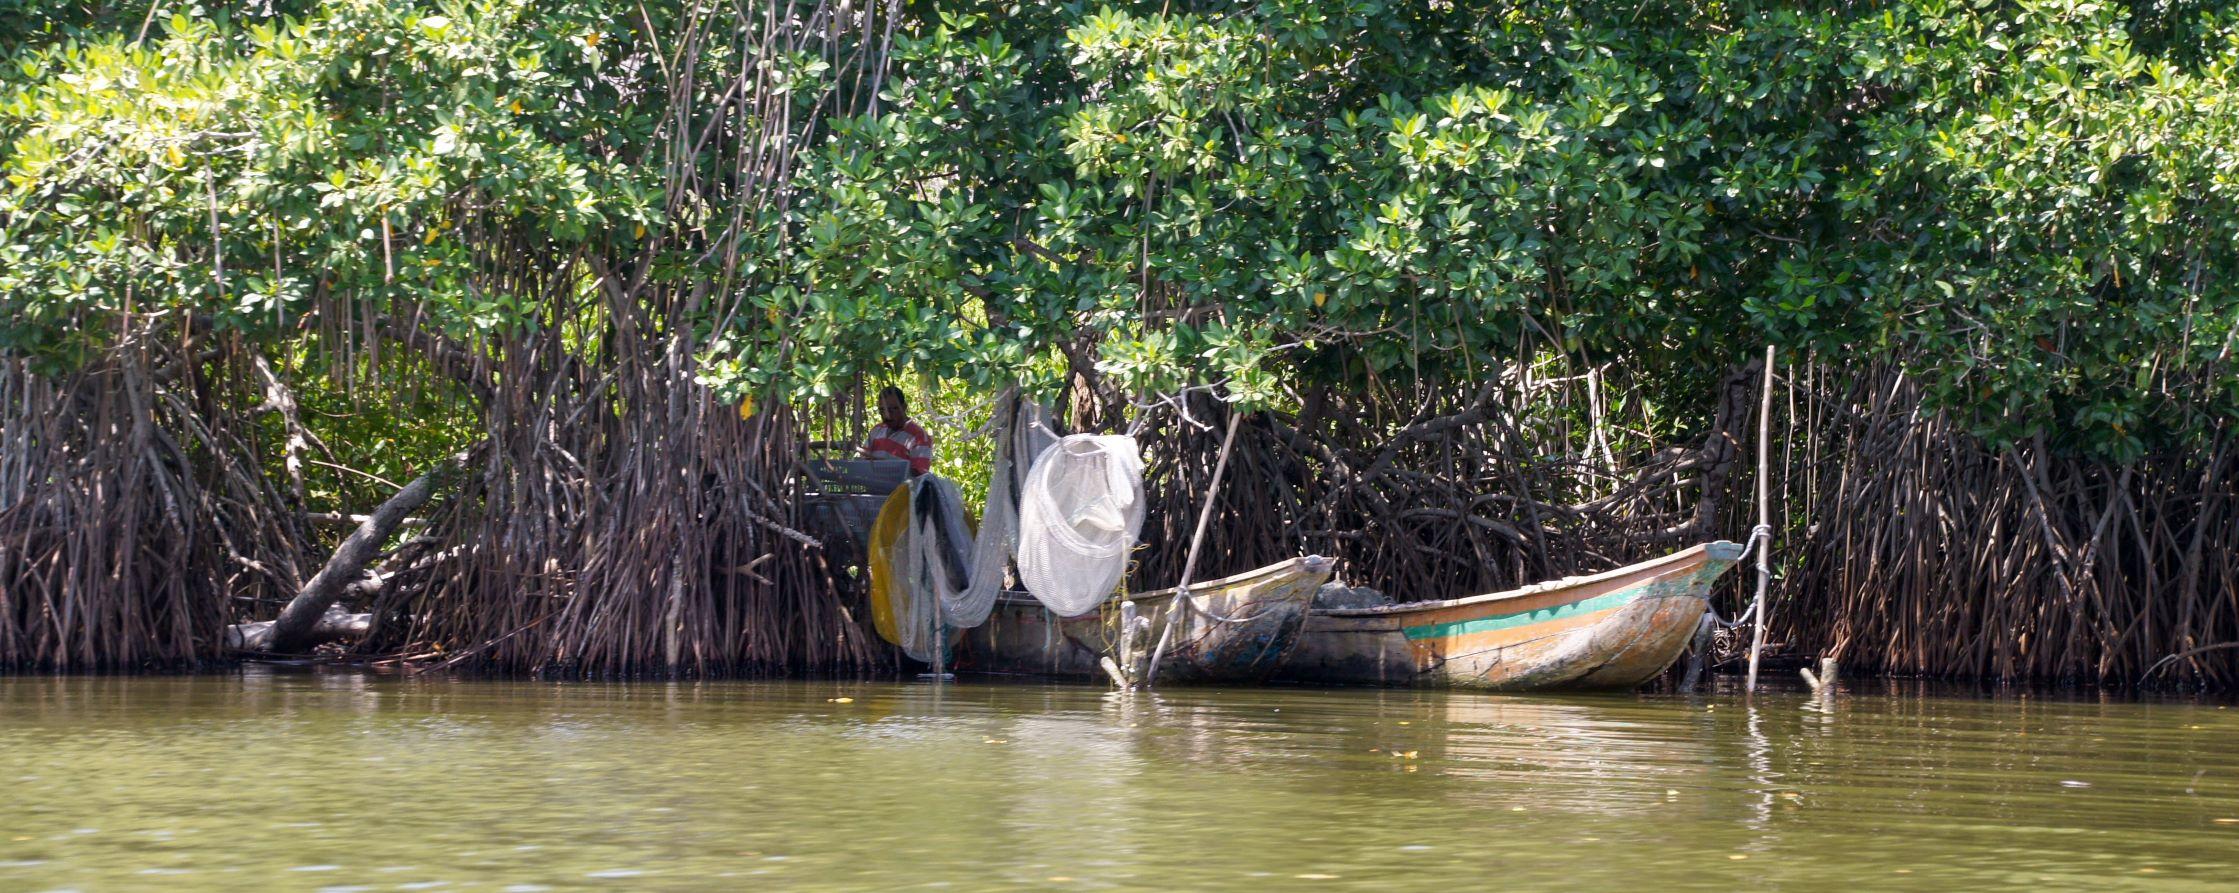 Pêcheurs sur la CIENAGA GRANDE DE MAGDALENA